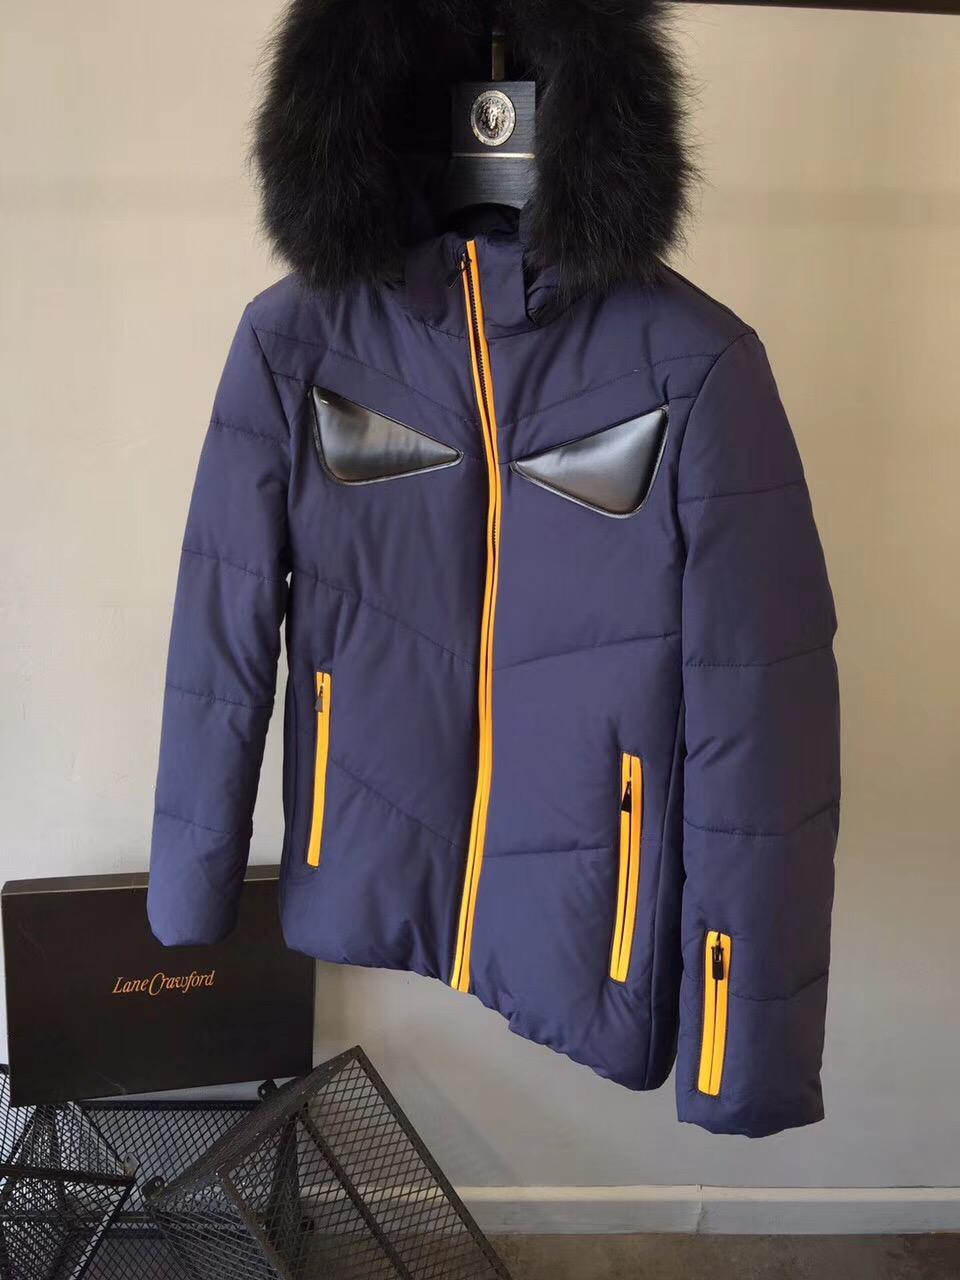 fendi フェンディ メンズ ダウンジャケット おすすめ 通販信用できる 3色